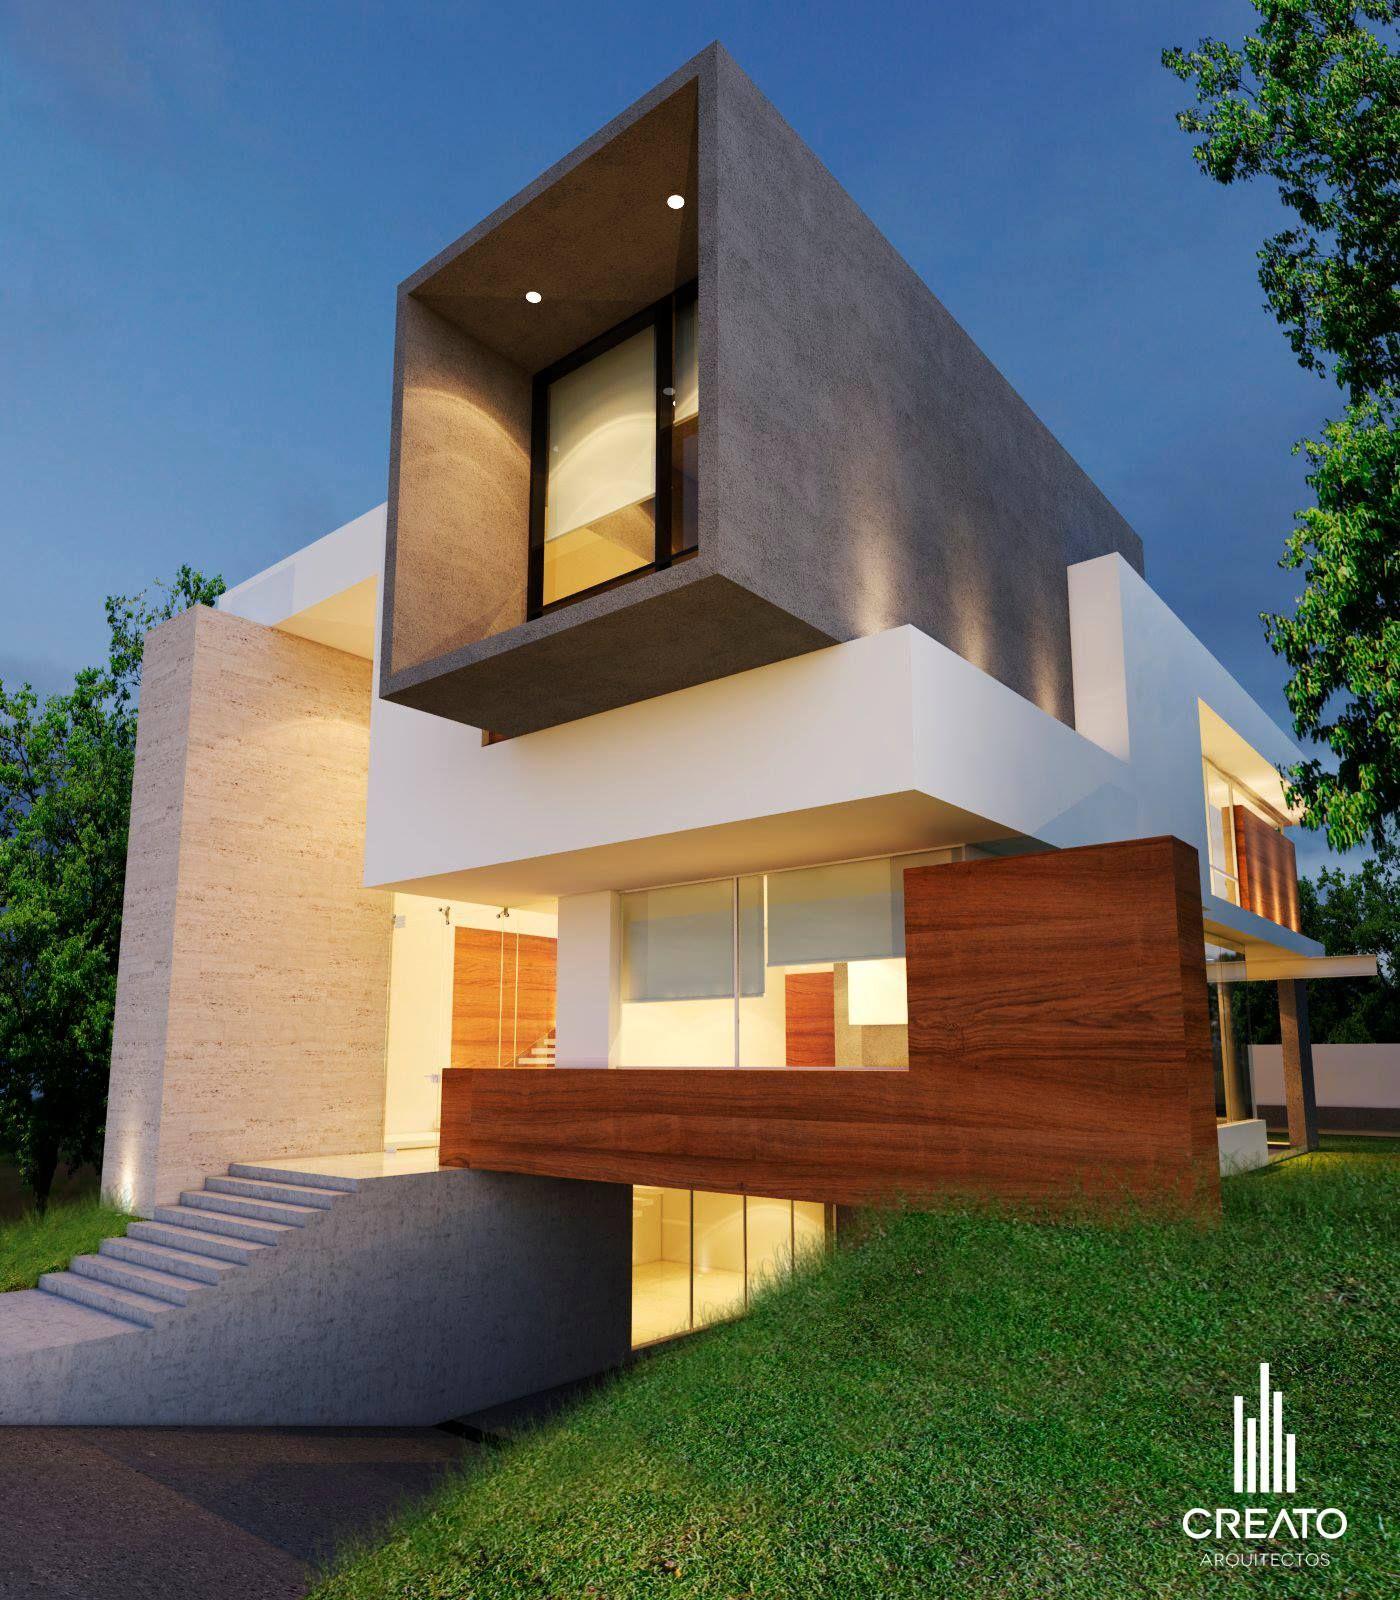 Conozcamos este hogar mexicano y su dise o vibrante y for Casa minimalista harborview hills